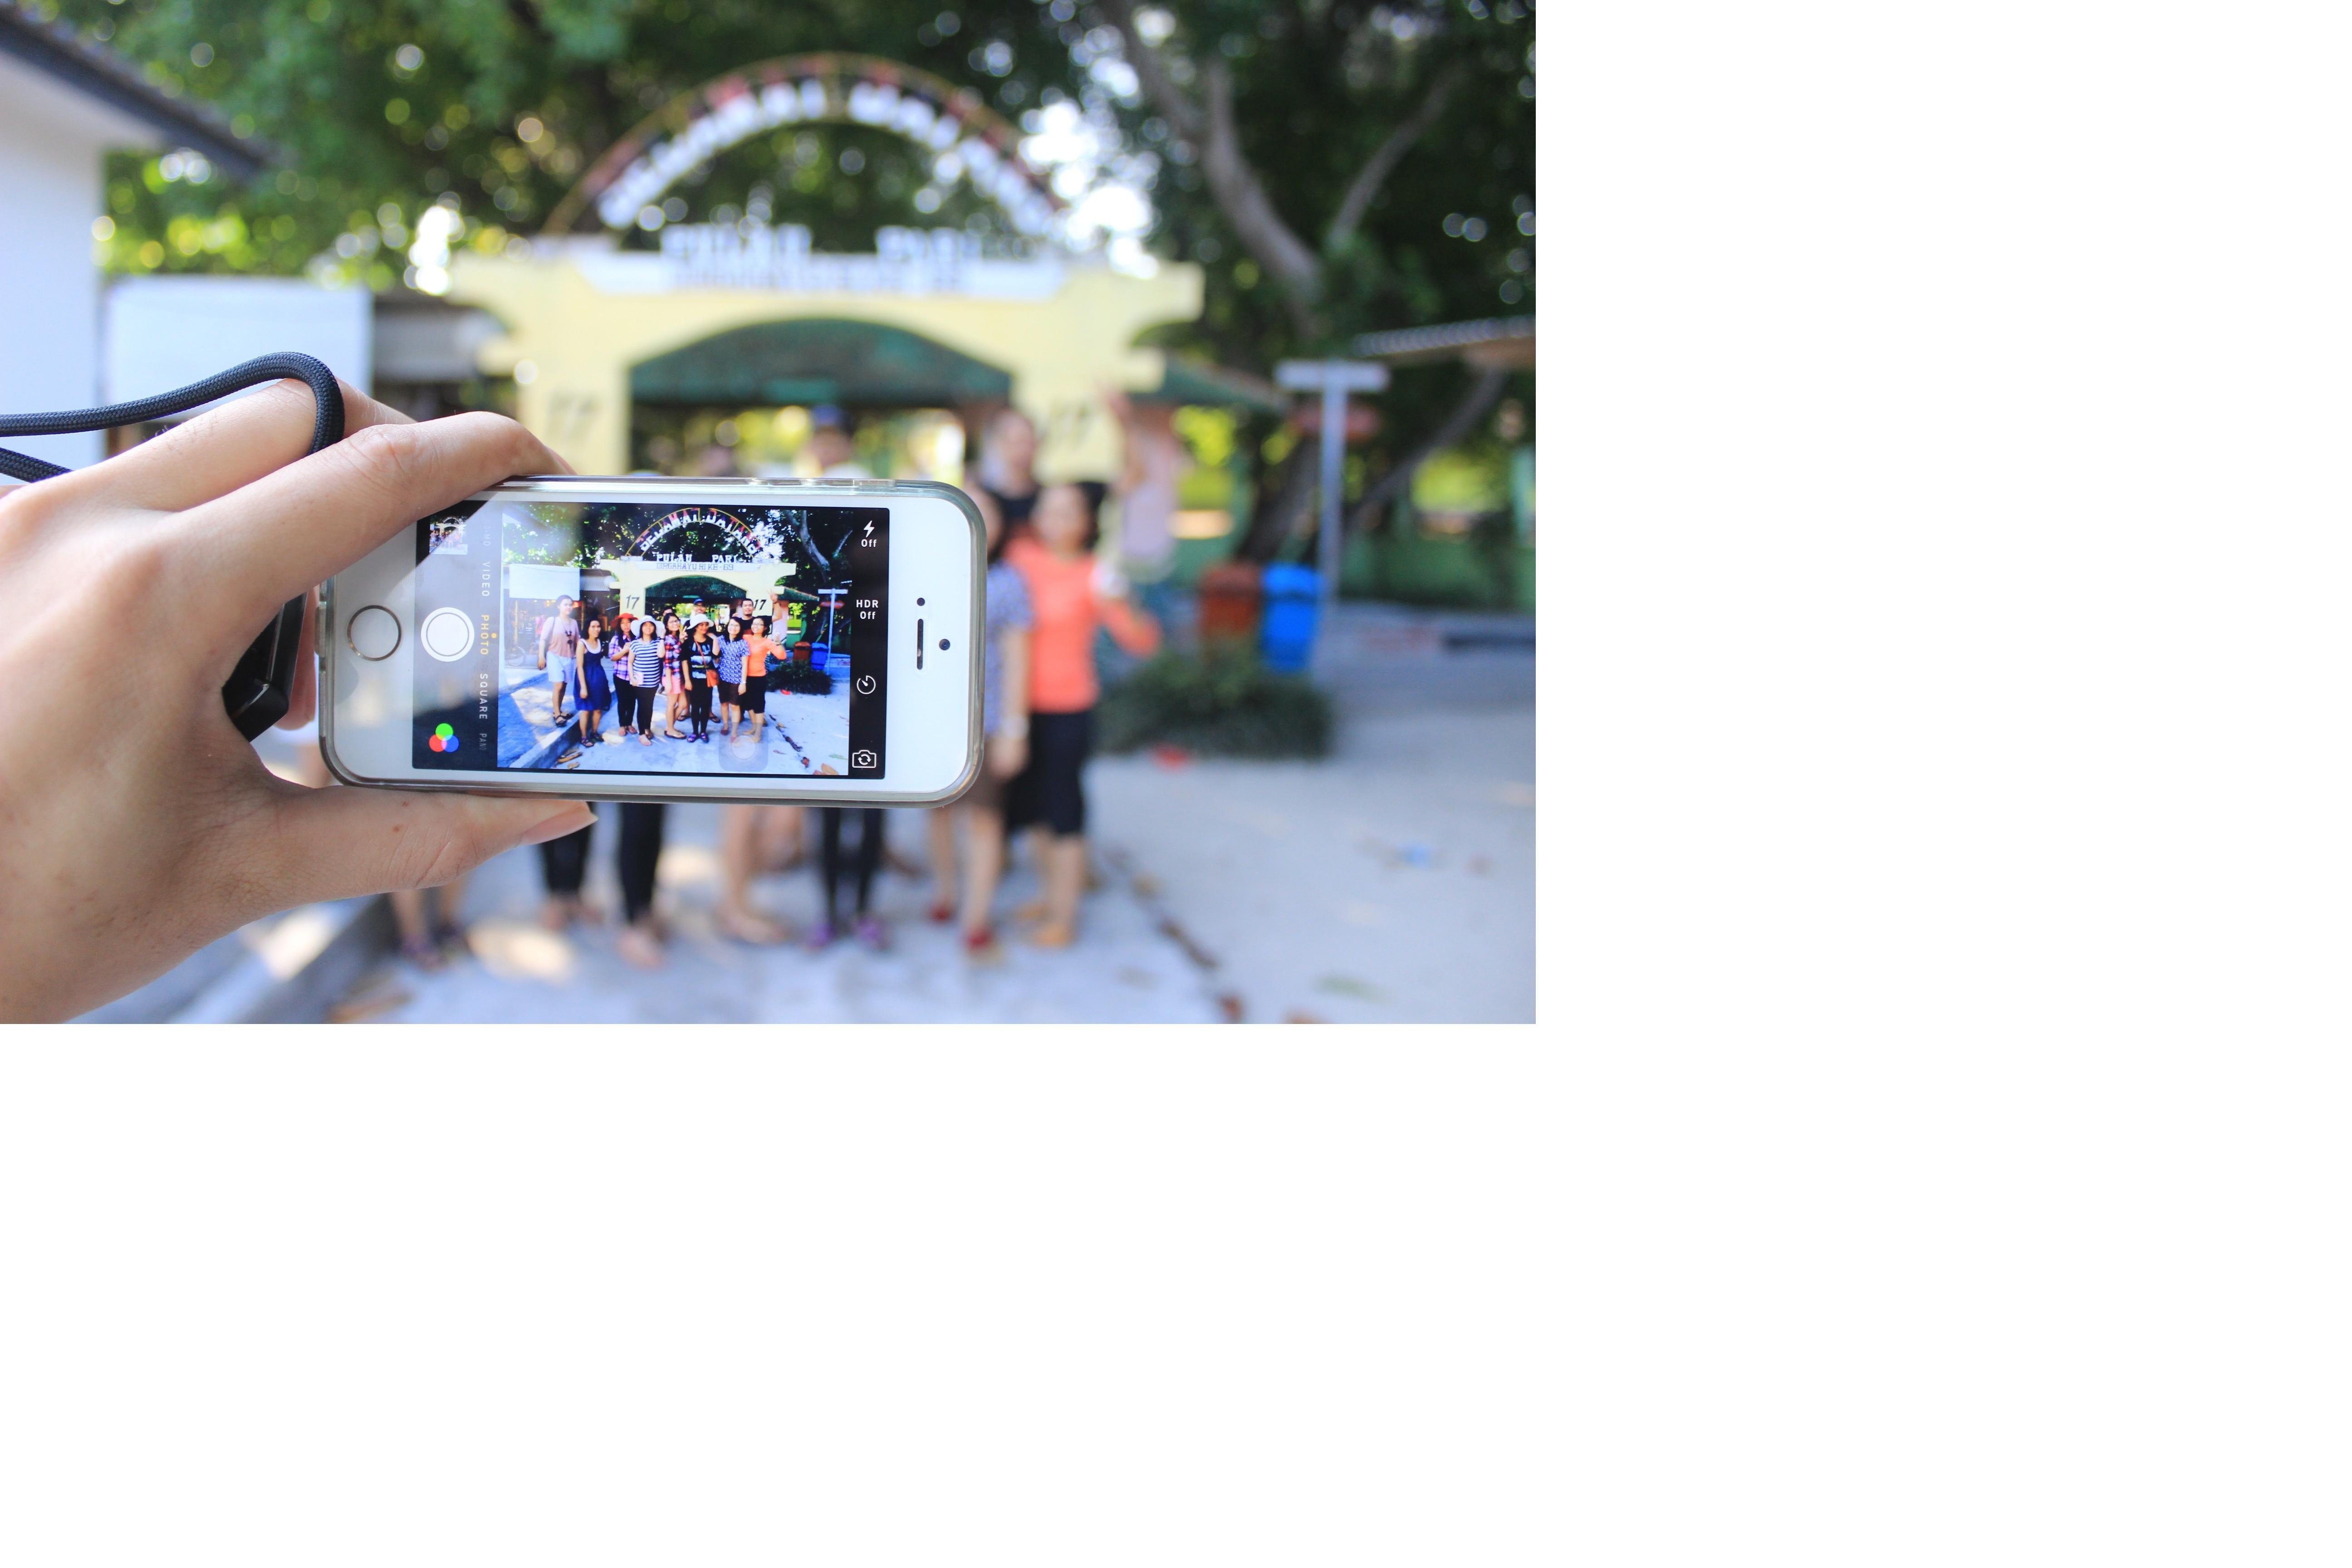 iPhone som tar foto på en grupp människor i en nöjespark